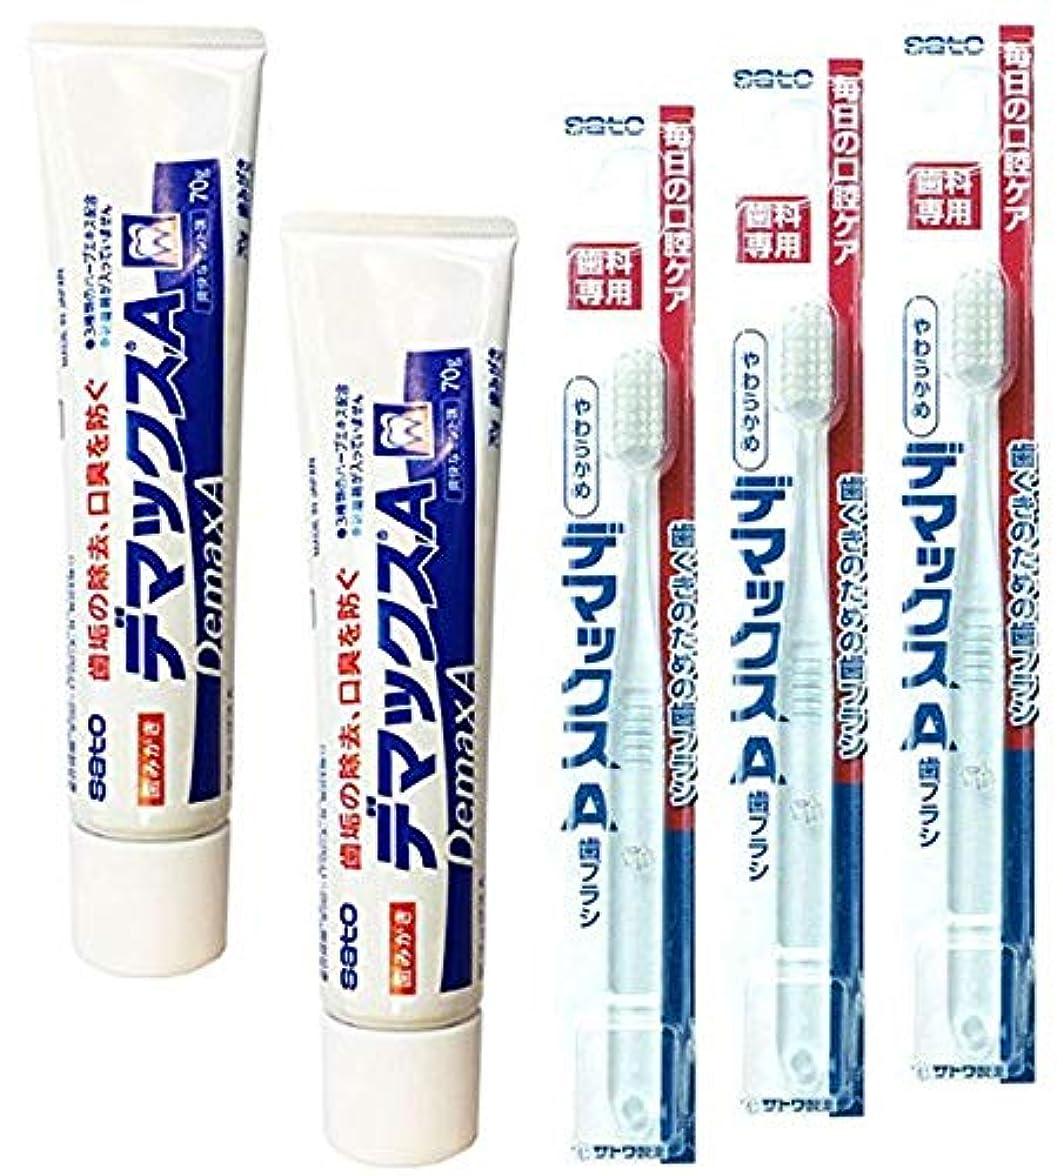 ベーカリー設計図維持する佐藤製薬 デマックスA 歯磨き粉(70g) 2個 + デマックスA 歯ブラシ 3本 セット